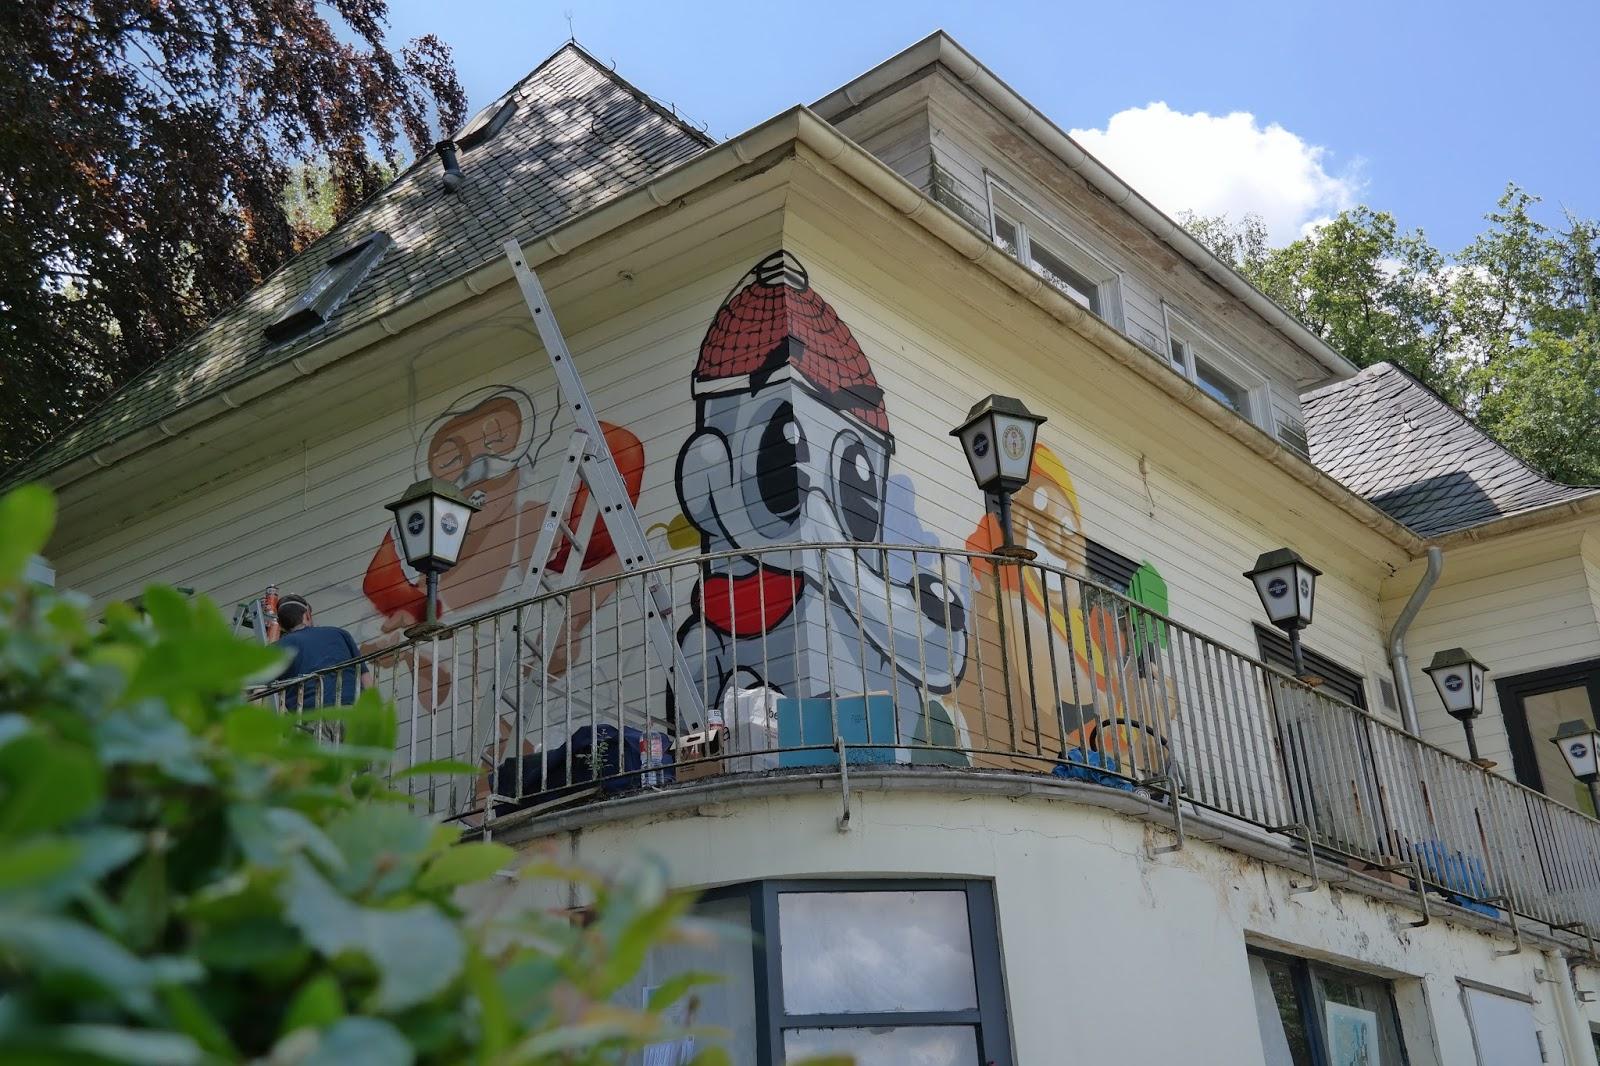 streetart am freibad eckbusch in wuppertal ein haus wird bunt viele bilder und ein video. Black Bedroom Furniture Sets. Home Design Ideas